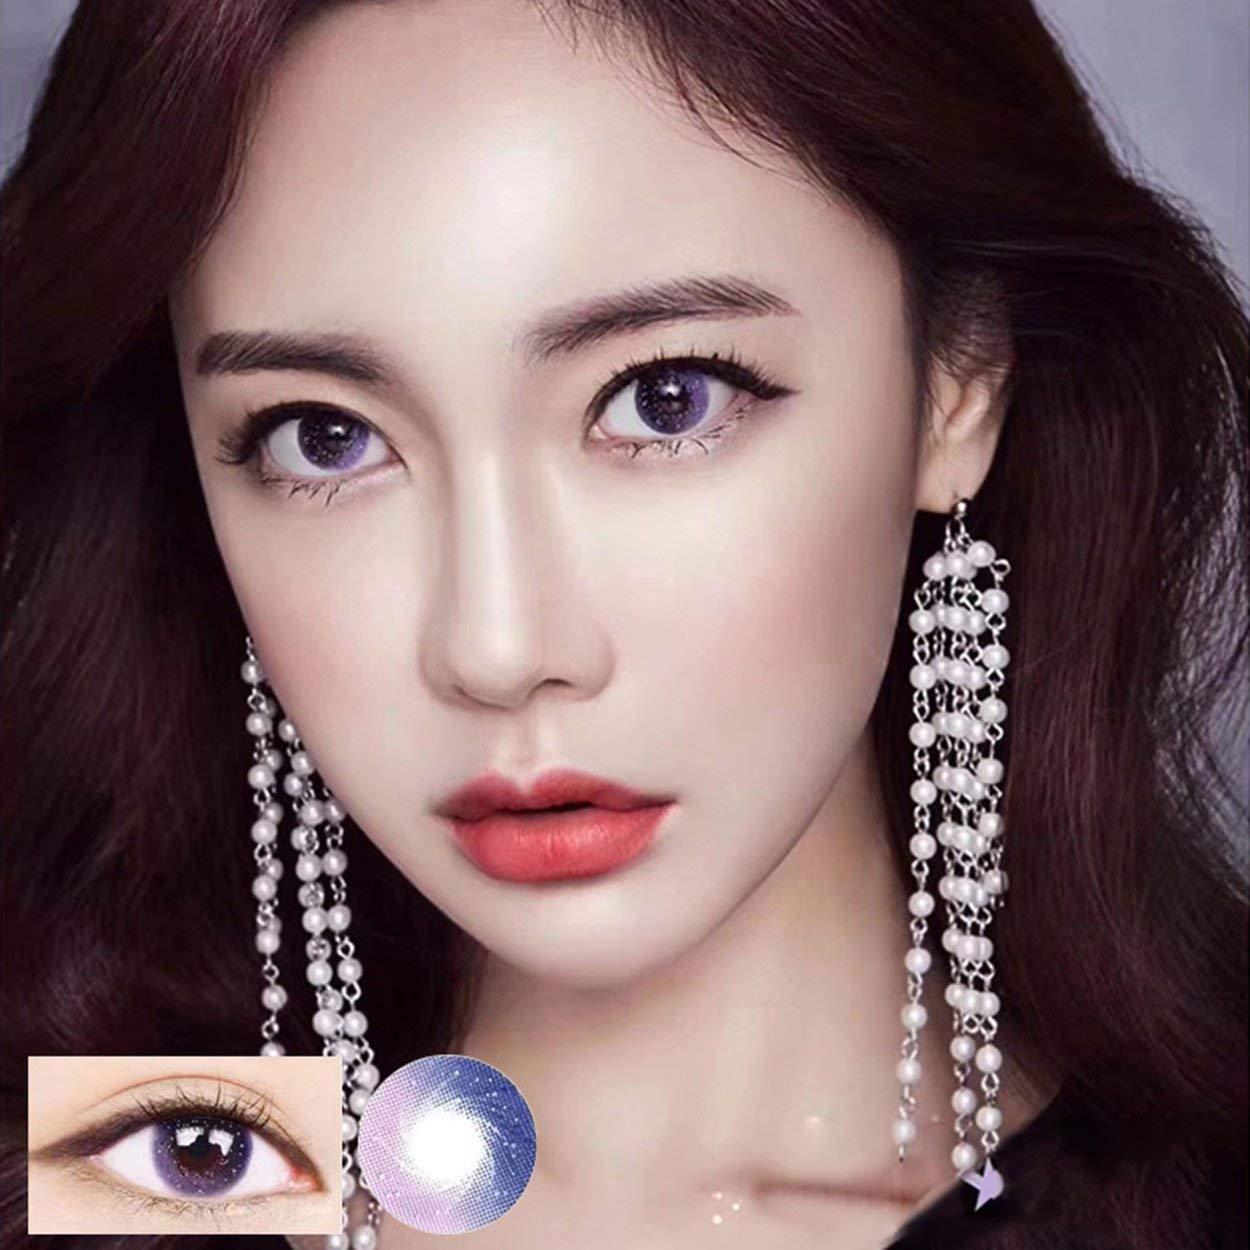 Lorenlli Beauty-Kontaktlinse der Golden Powder-Serie Galaxy der zweiten Generation